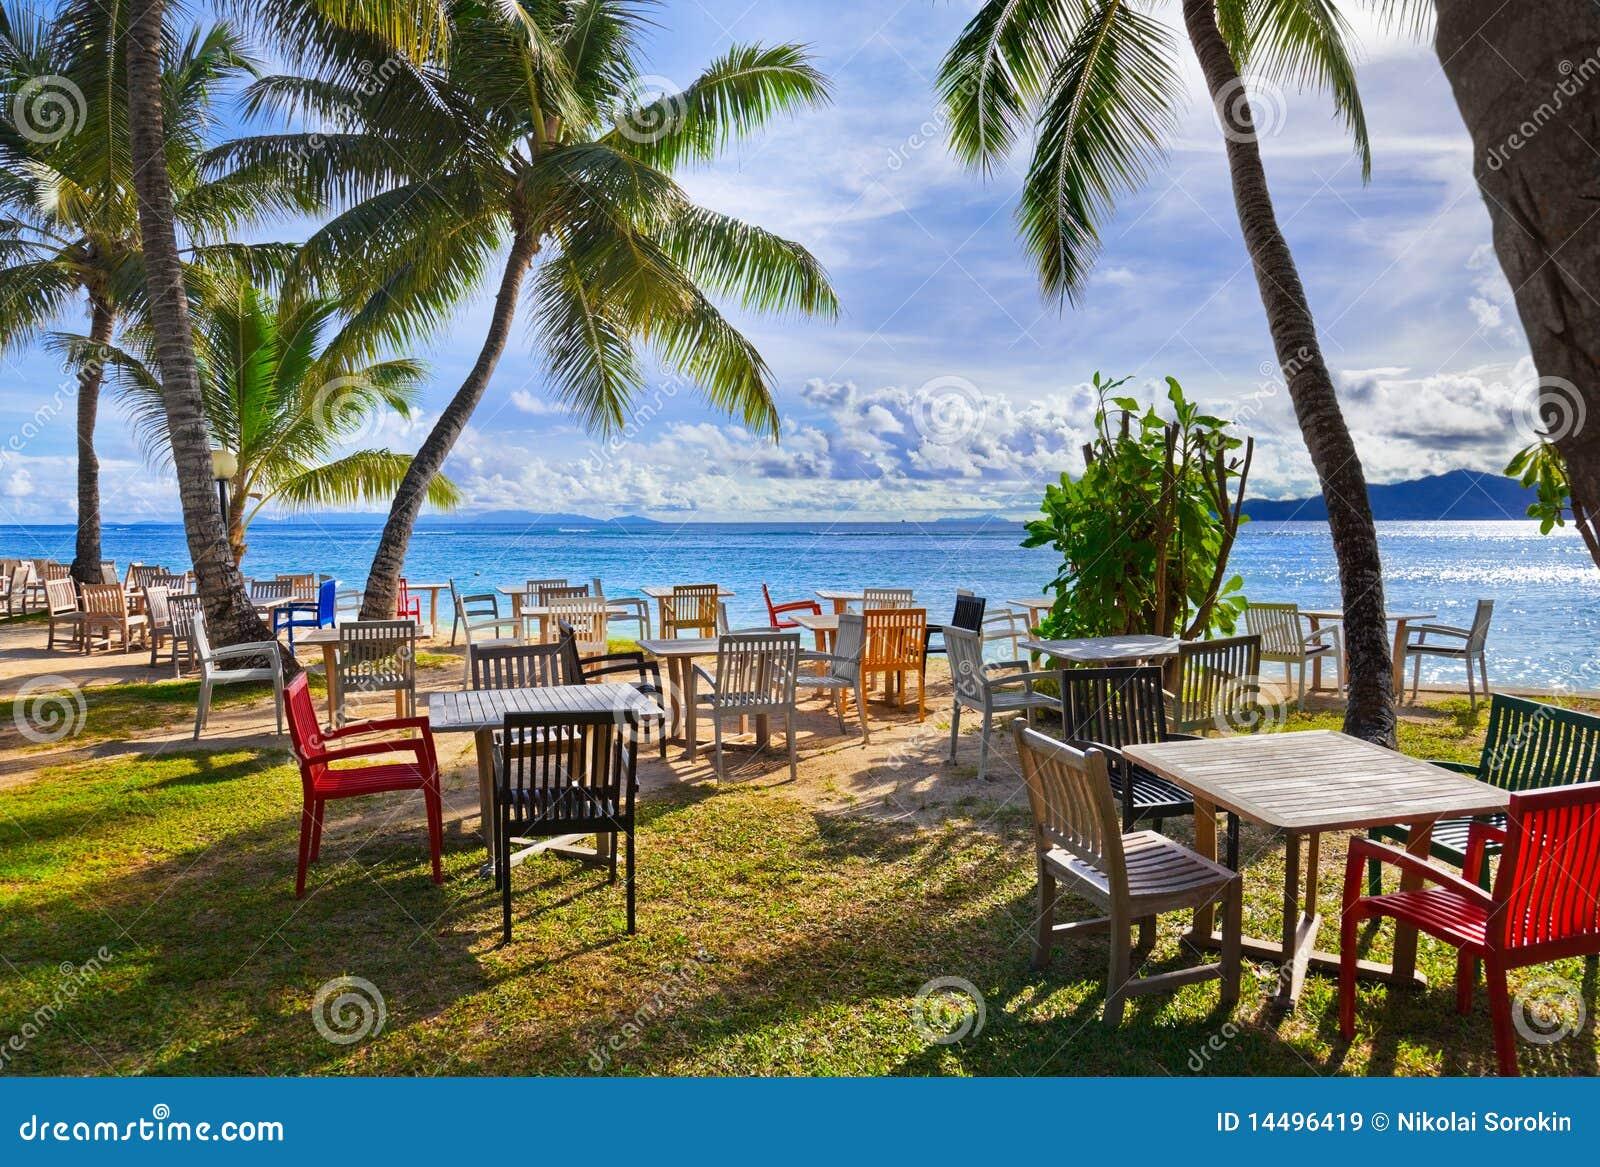 Koffie en palmen op een tropisch strand